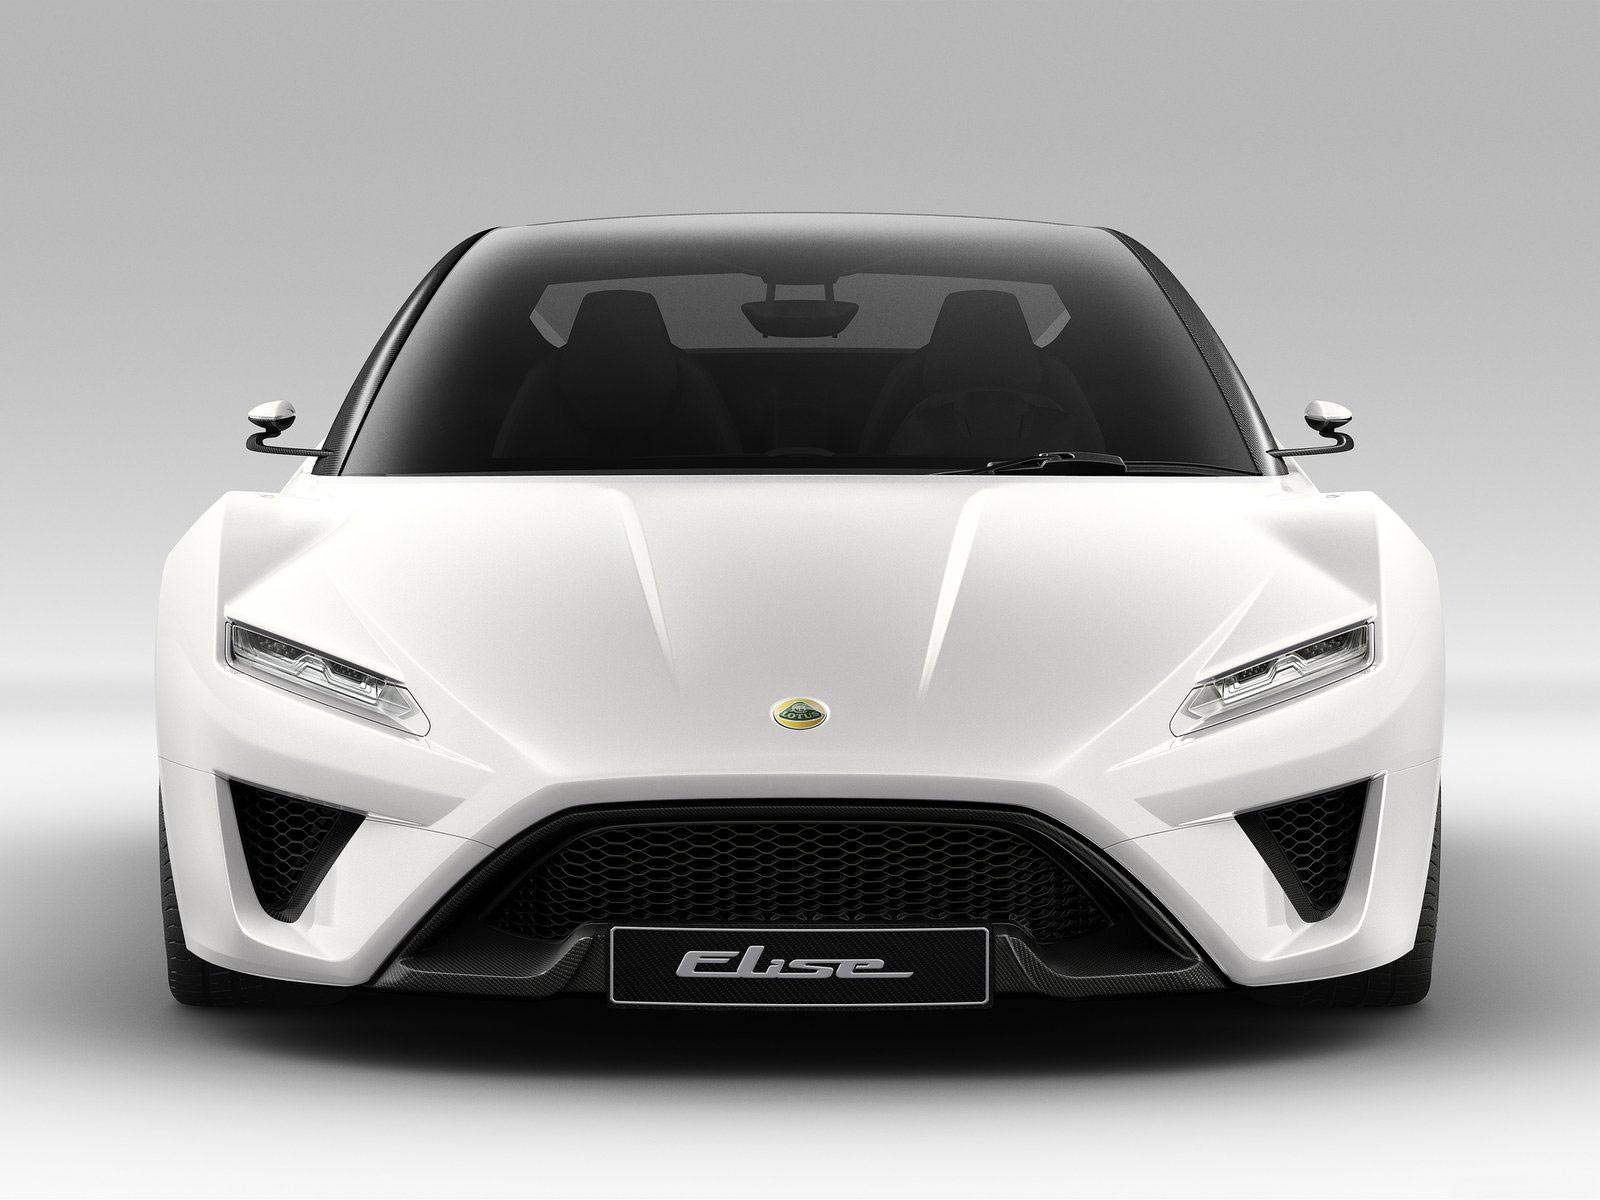 automotivegeneral: 2020 lotus esprit concept wallpapers